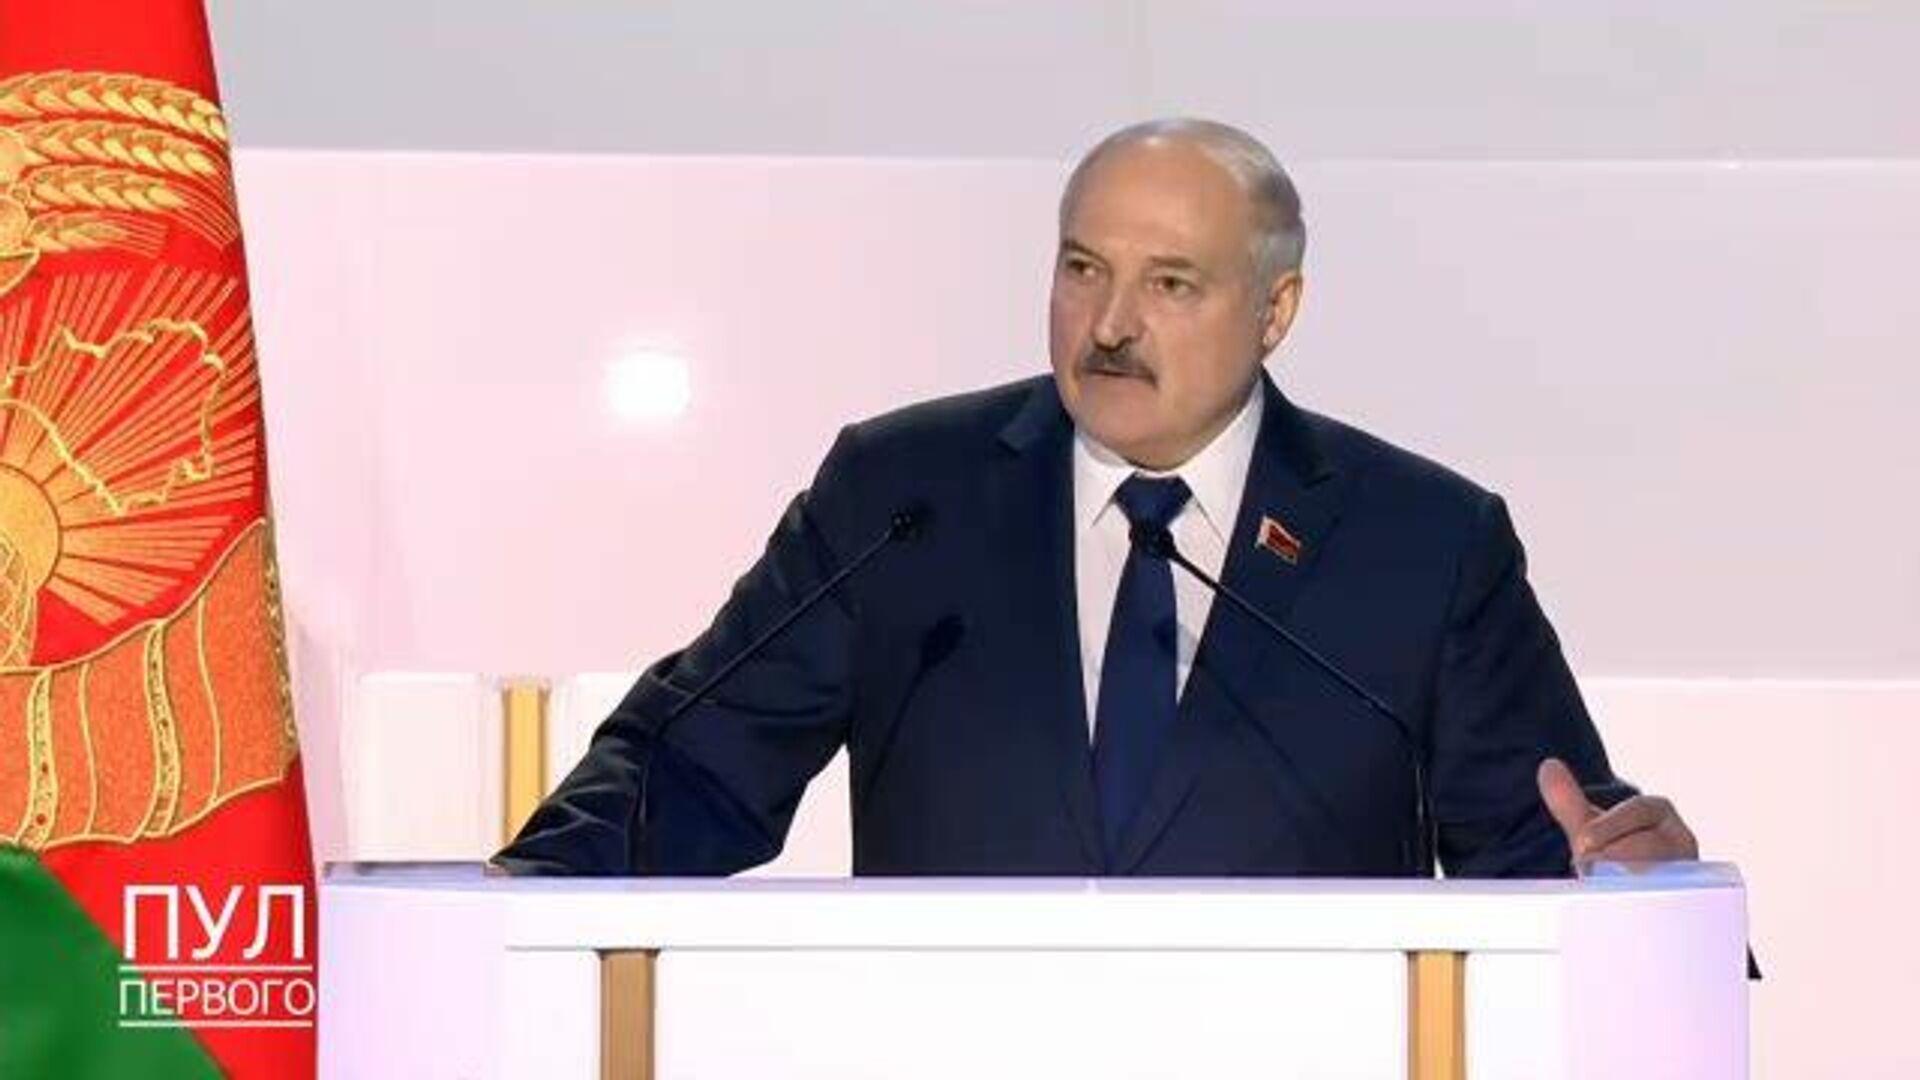 Лукашенко назвал главные условия его ухода из власти - РИА Новости, 1920, 11.02.2021